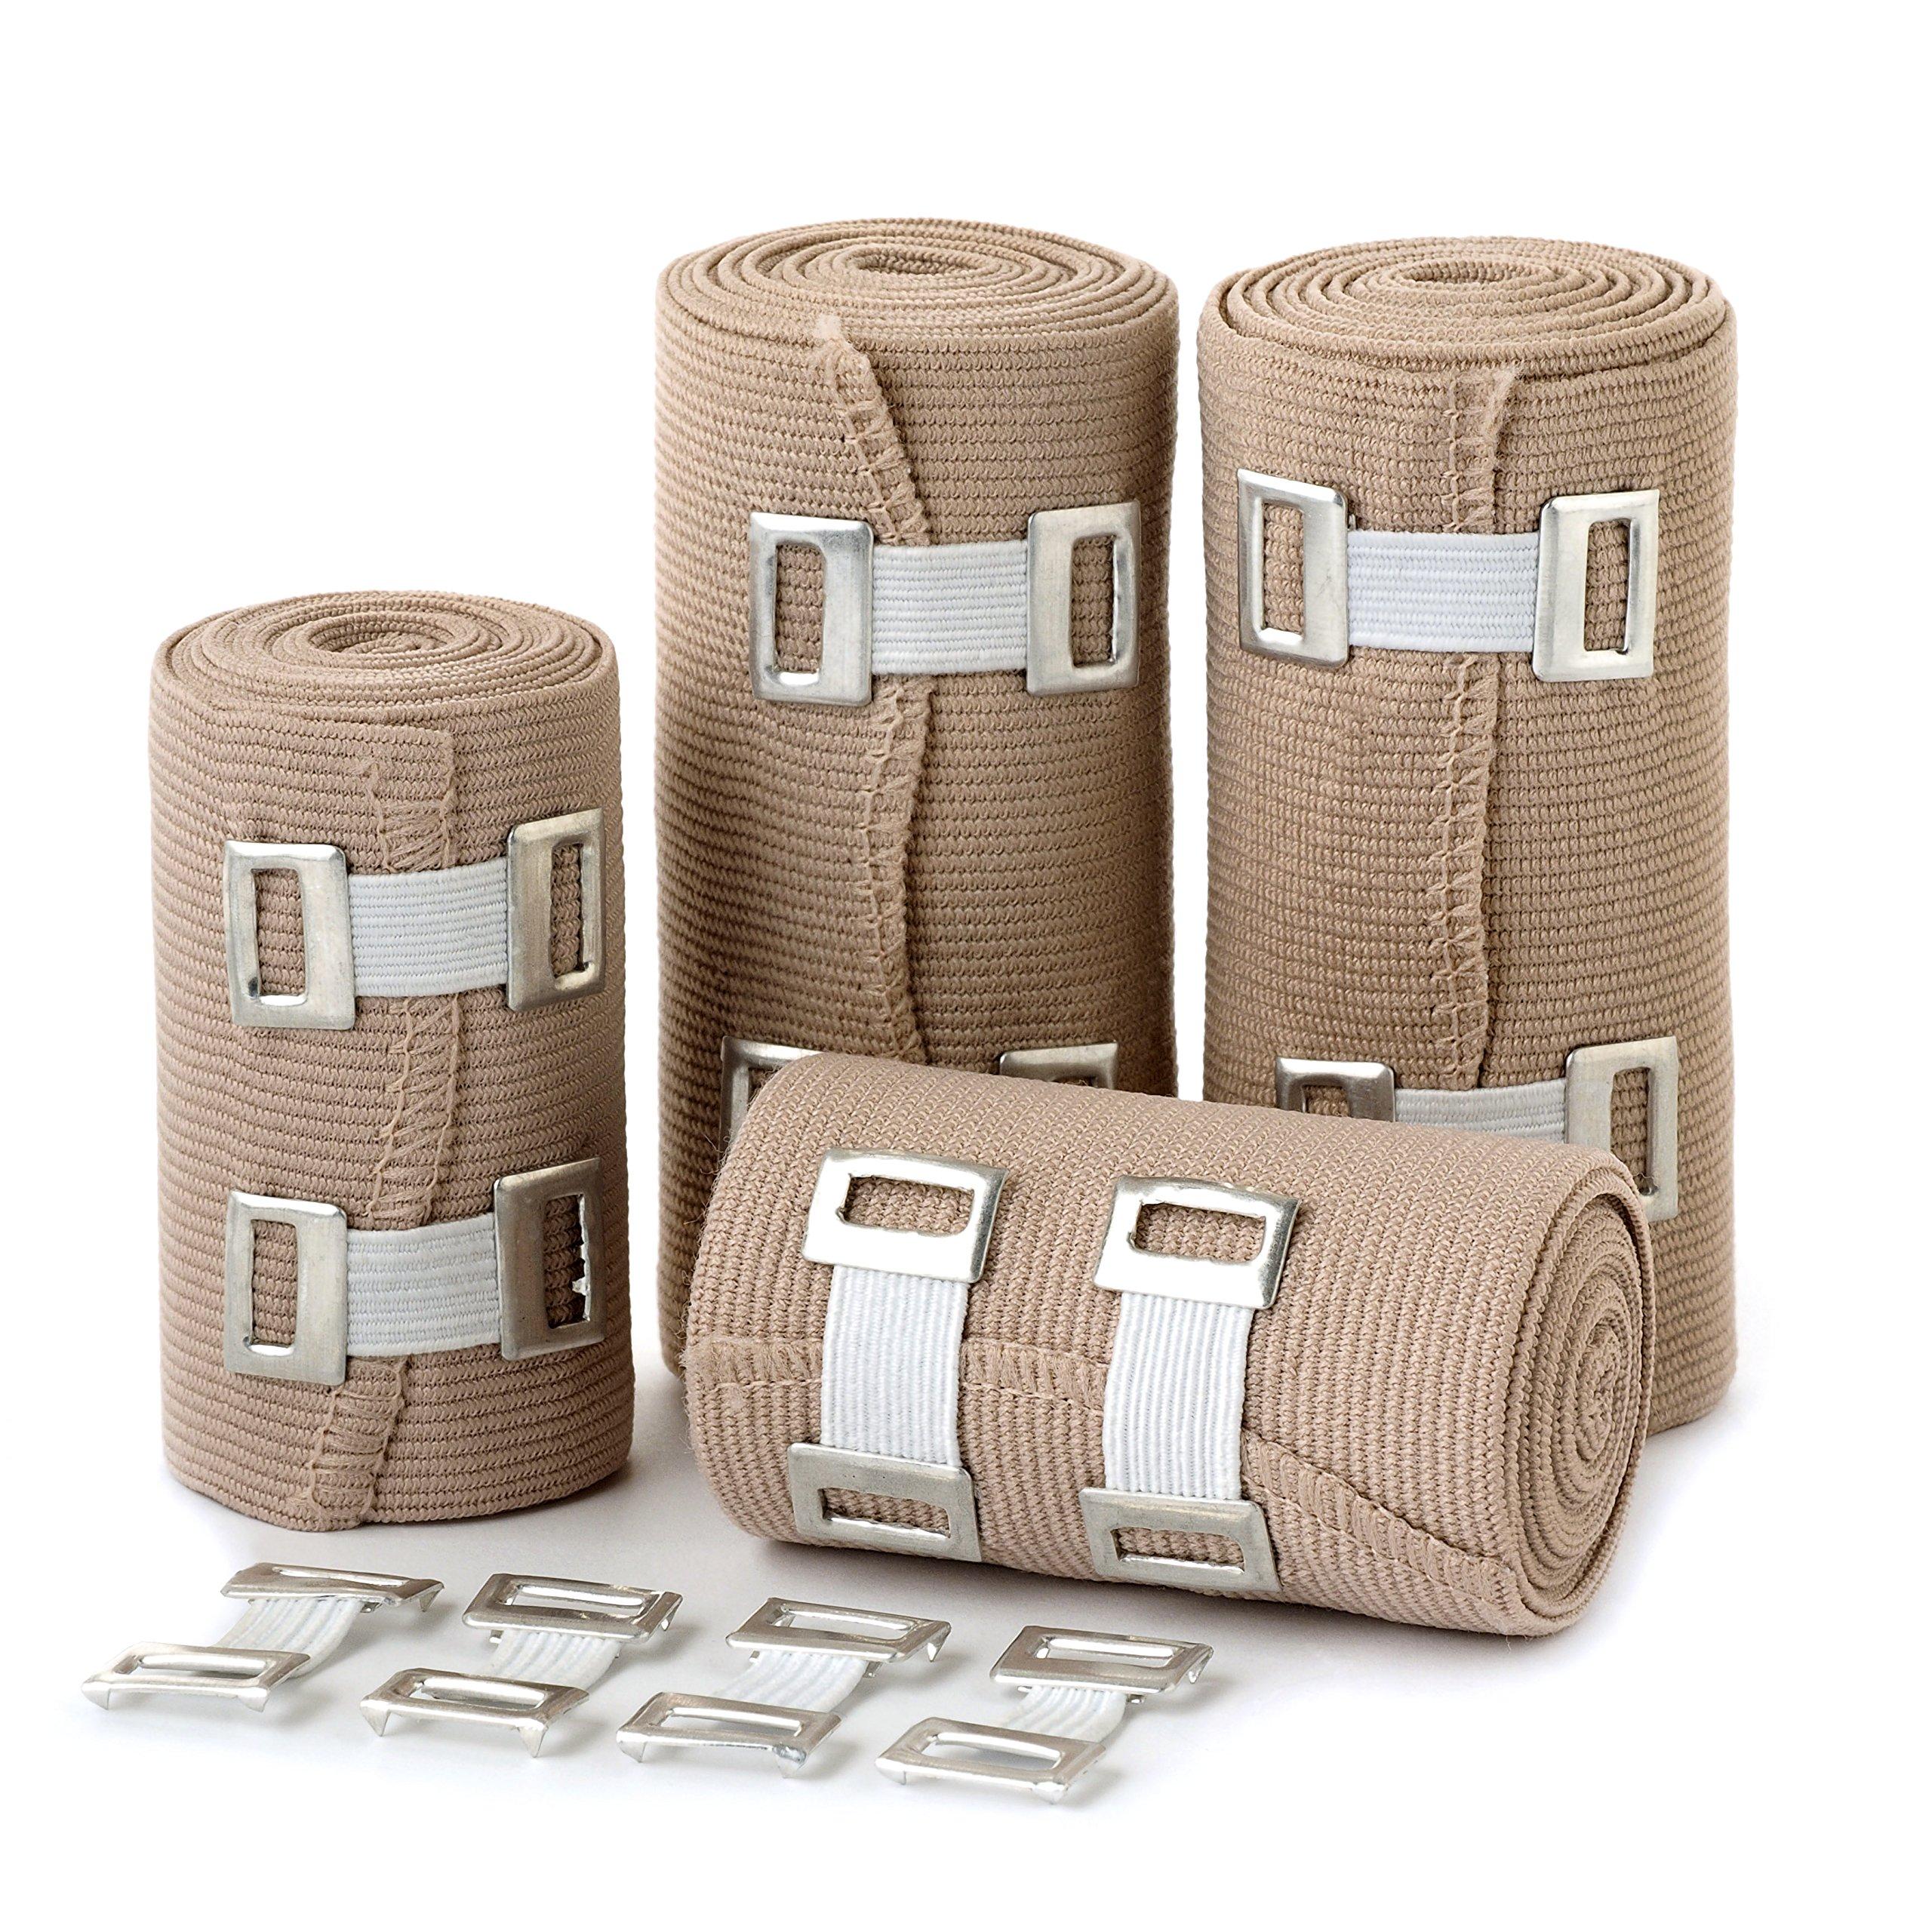 Elastic Bandage Wrap Compression Roll - Set of 4 Compression Bandages - Compression Wraps - Compression Bandage Roll with Hook Closure - Elastic Bandage Clips - Polyester Bandage Wrap